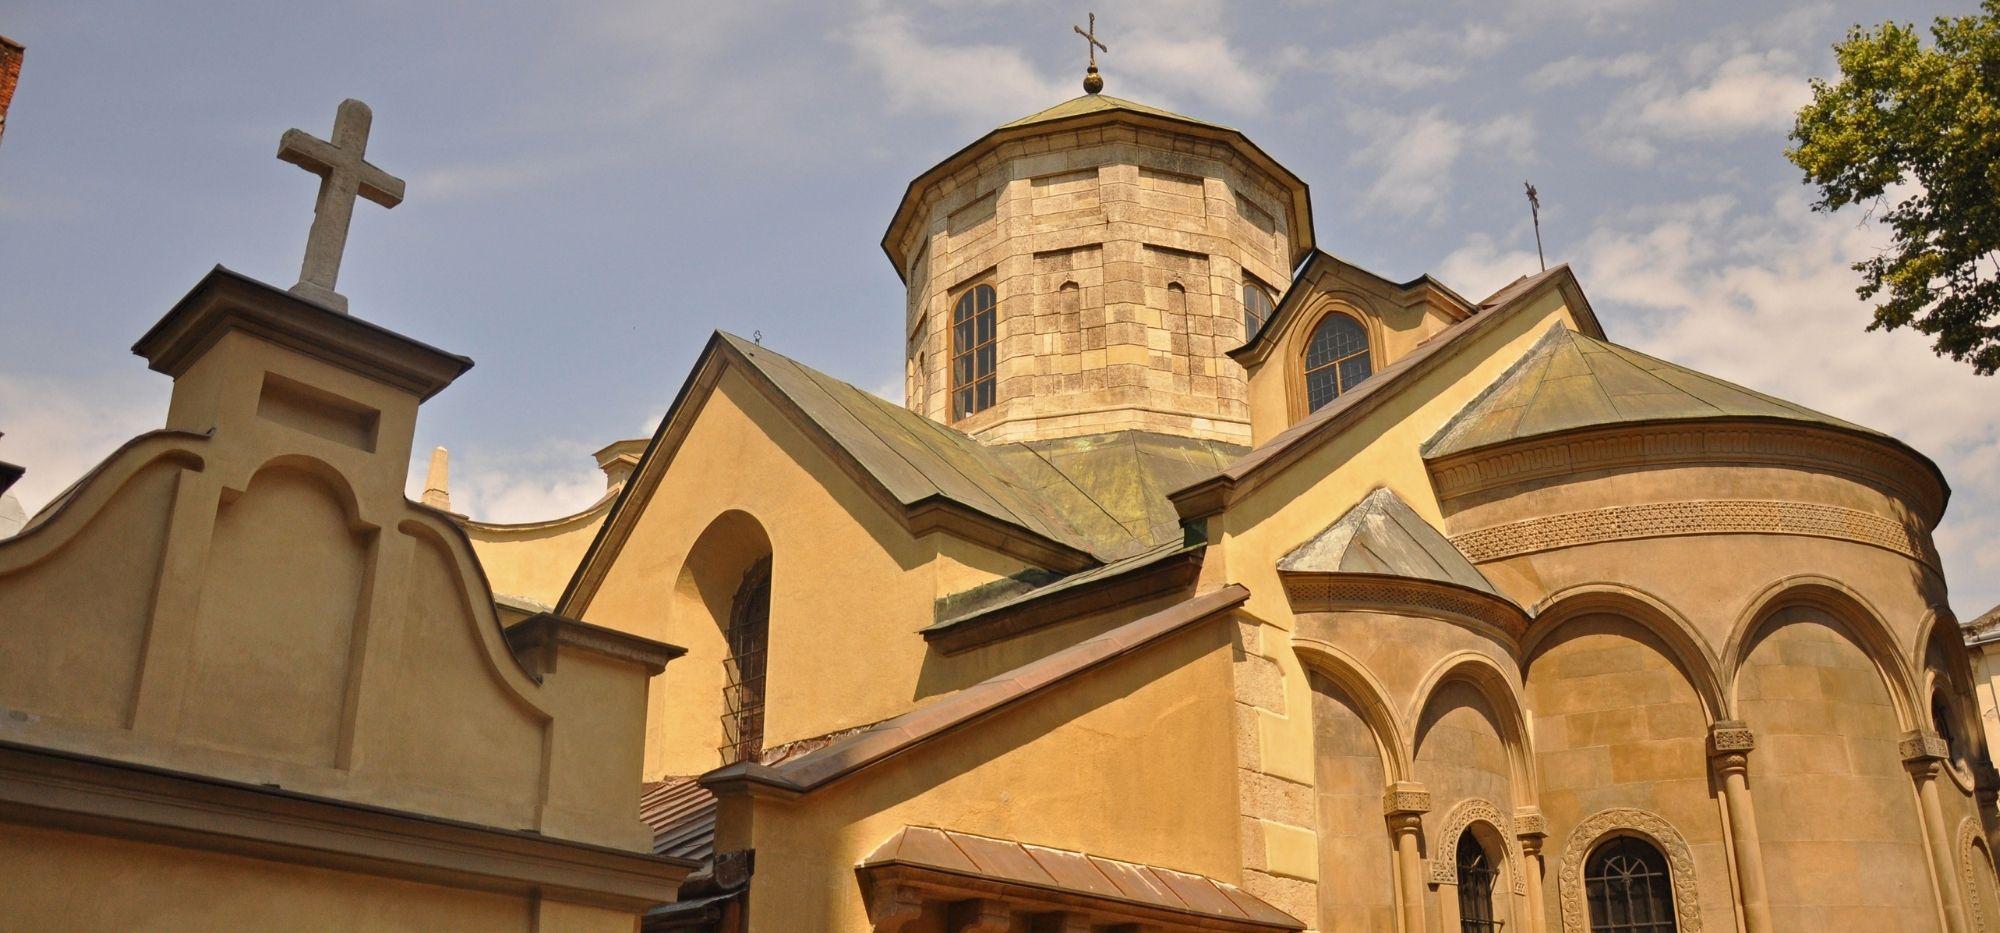 Dzielnica Ormiańska we Lwowie. Złote mozaiki i kawa na piasku